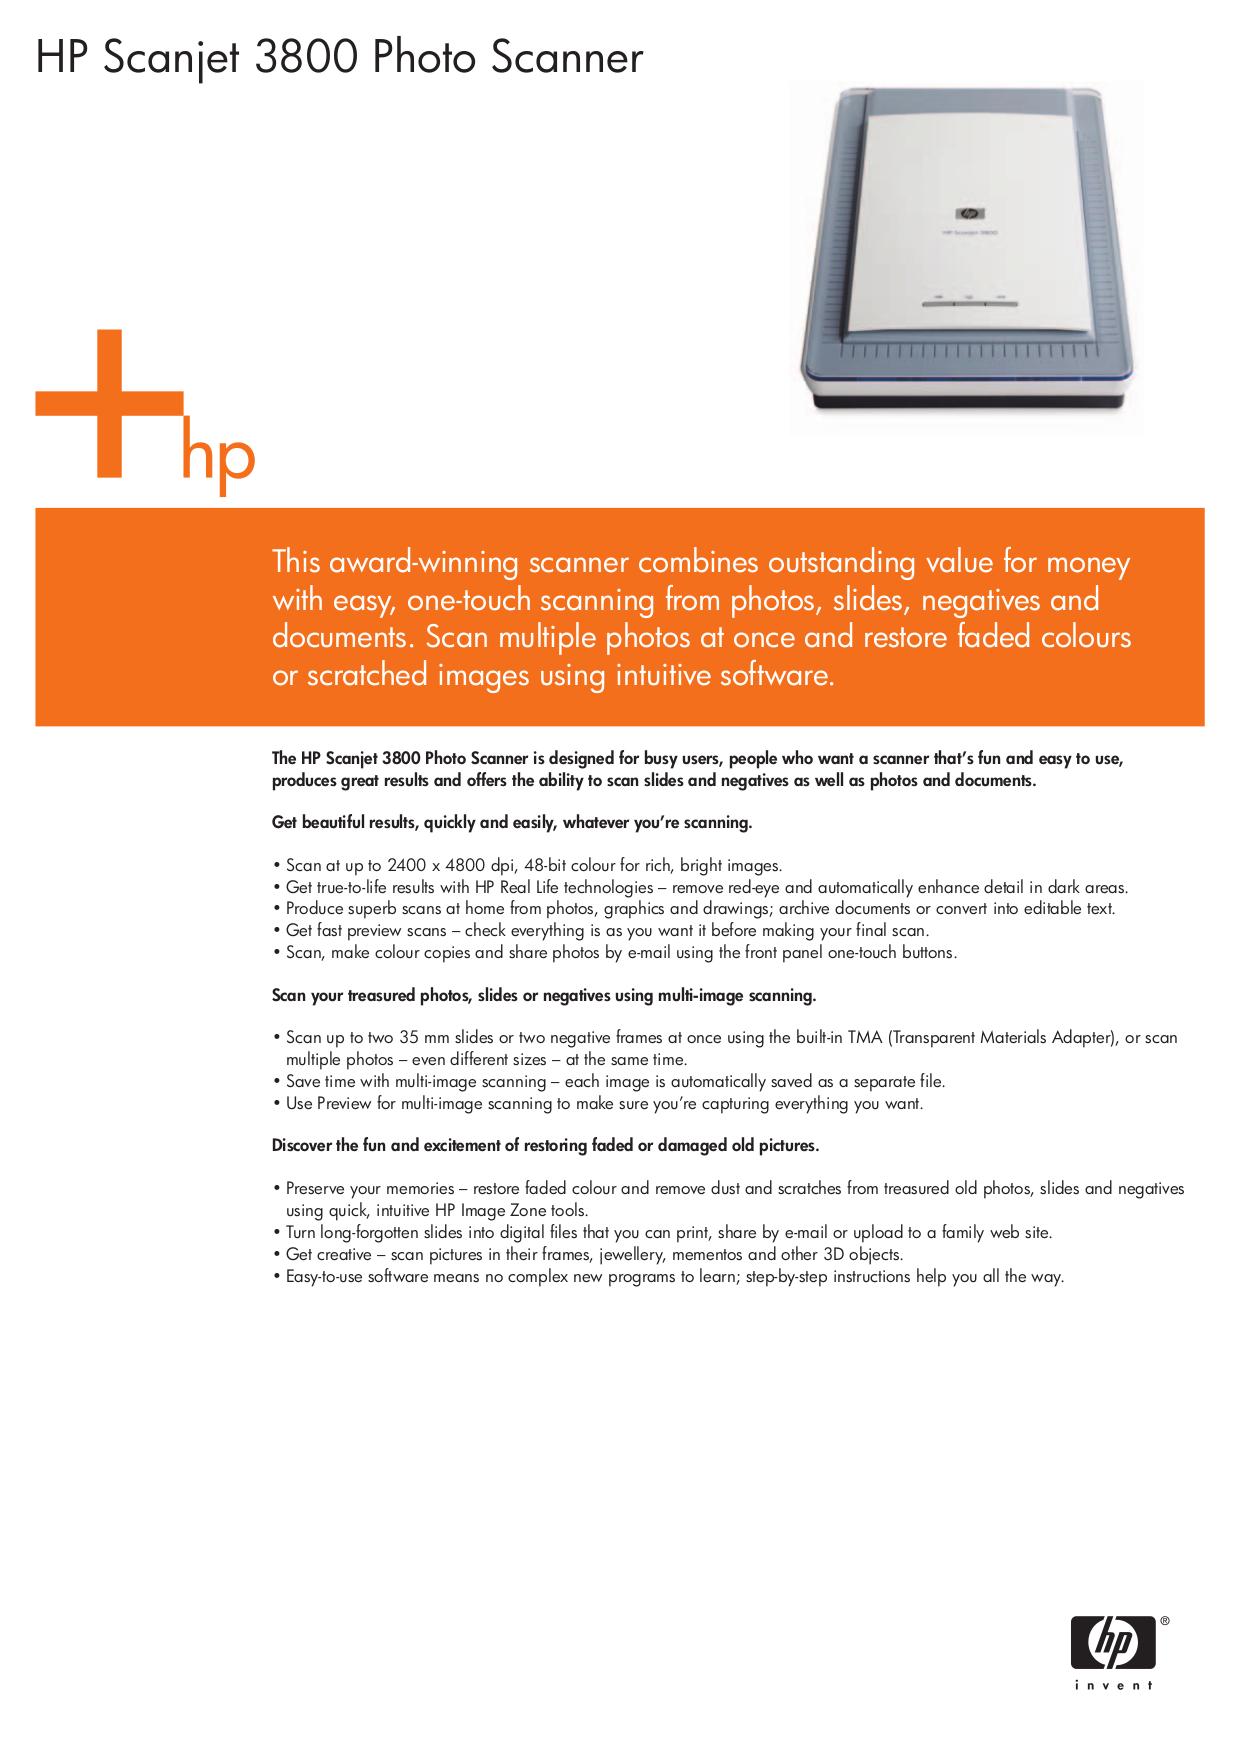 download free pdf for hp scanjet 3800 scanner manual rh umlib com HP Scanjet 7000 HP Scanjet 8250